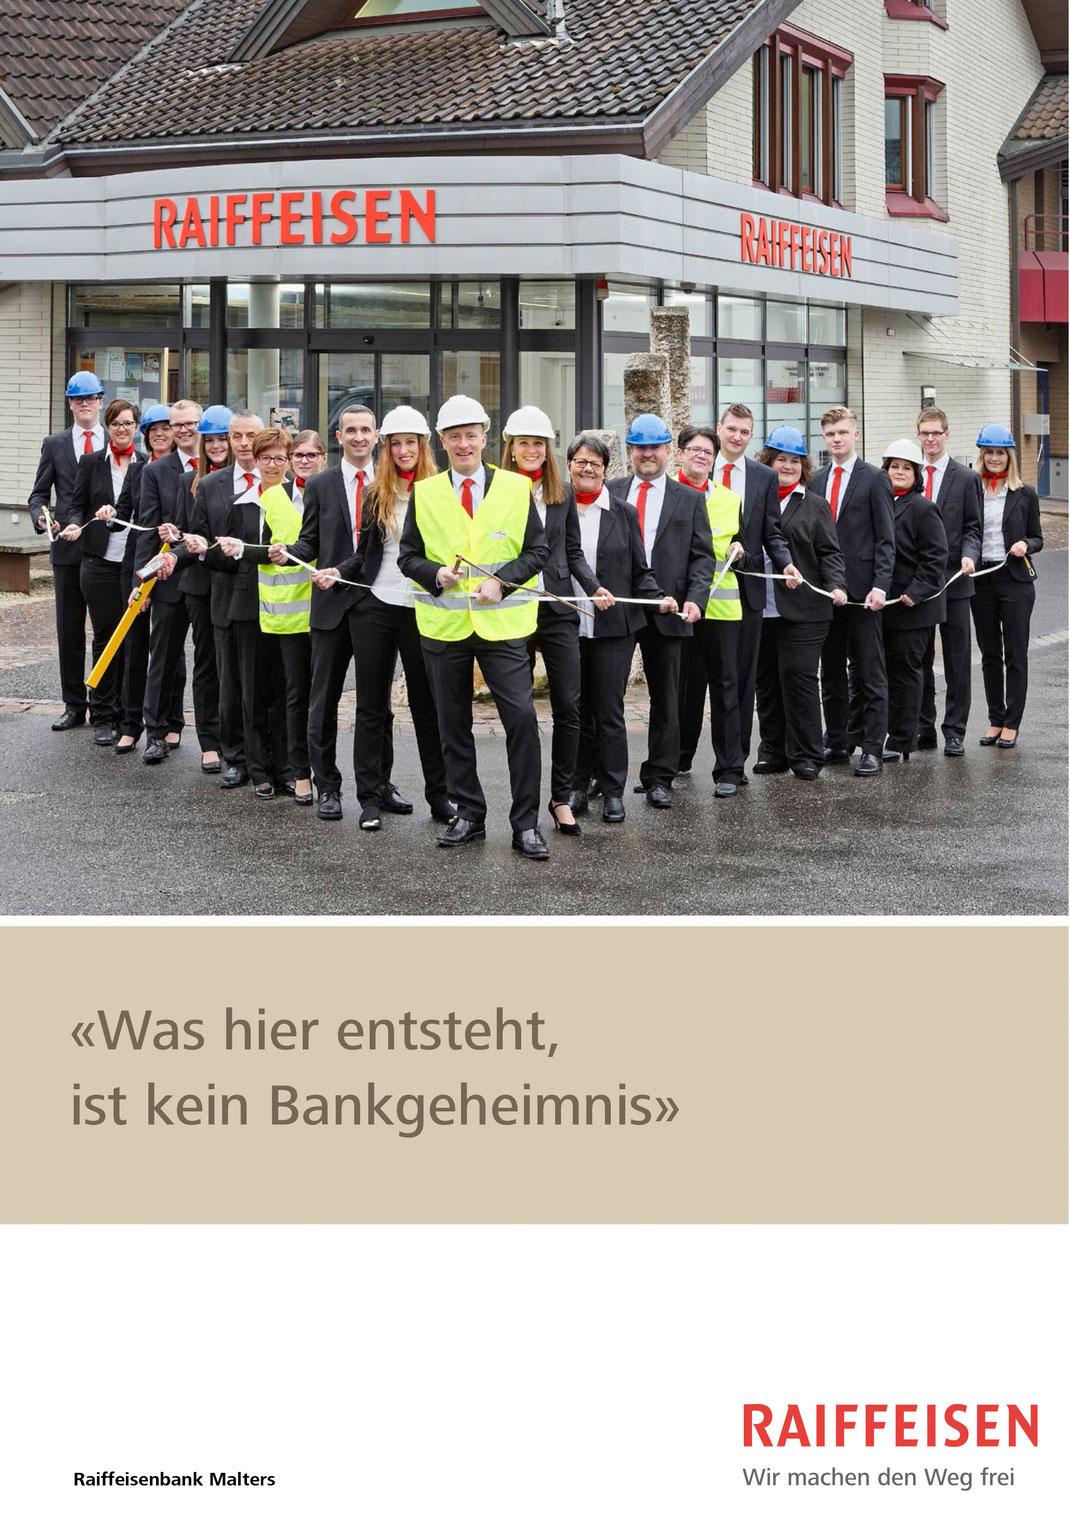 Das Team der Raiffeisenbank Malters kurz vor dem Umbau des Hauptsitzes am Mettlenweg in Malters.